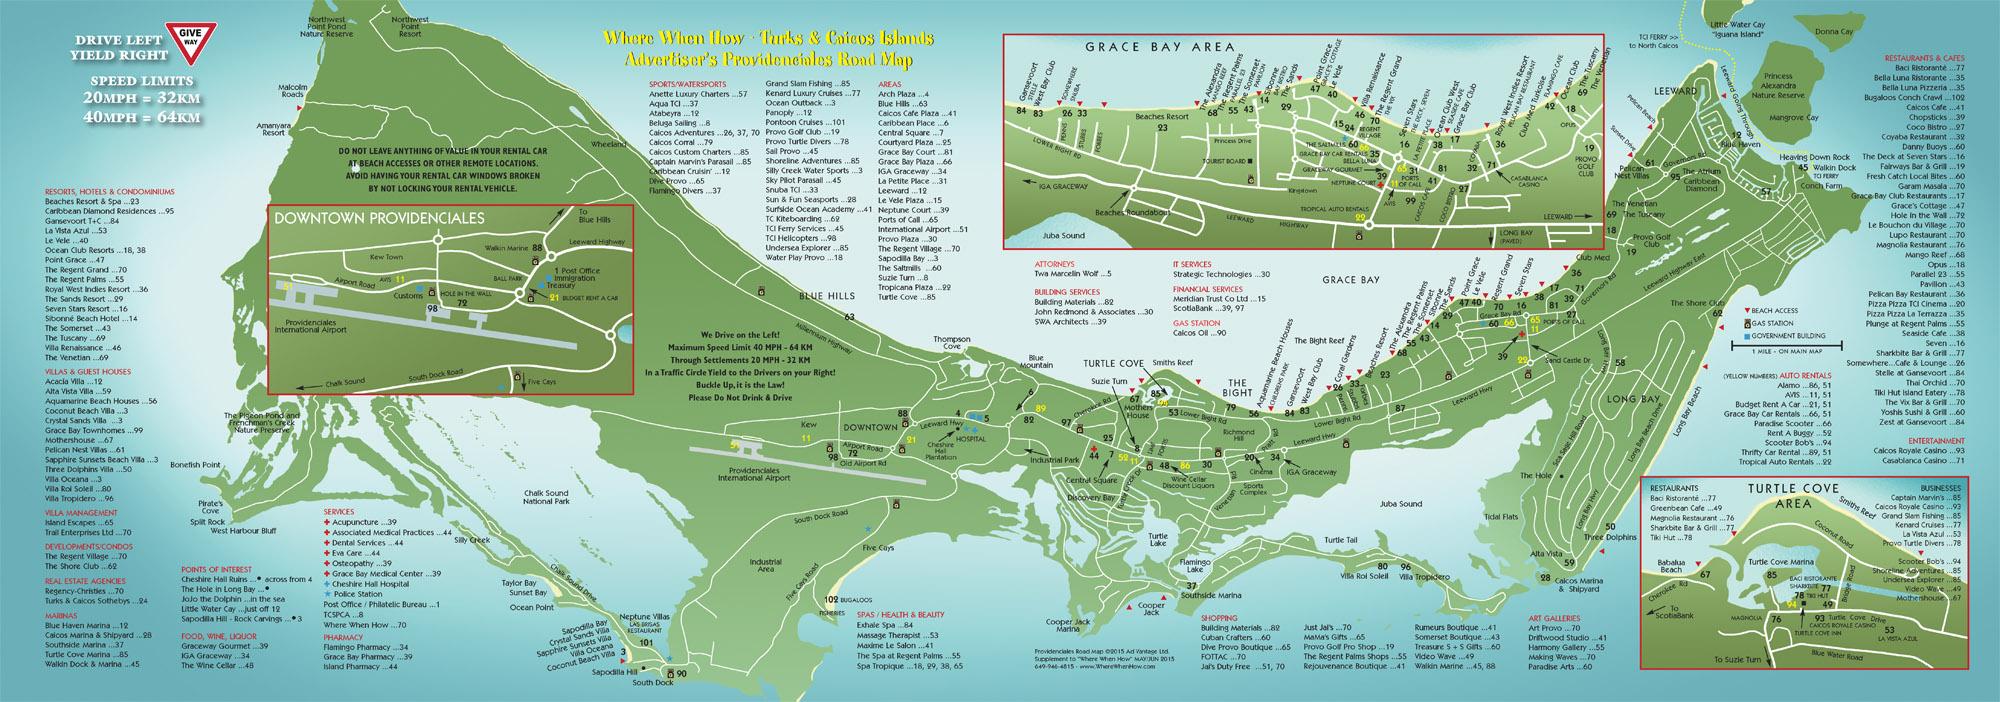 Turks and Caicos Islands Maps - Providenciales (Provo), North Caicos ...